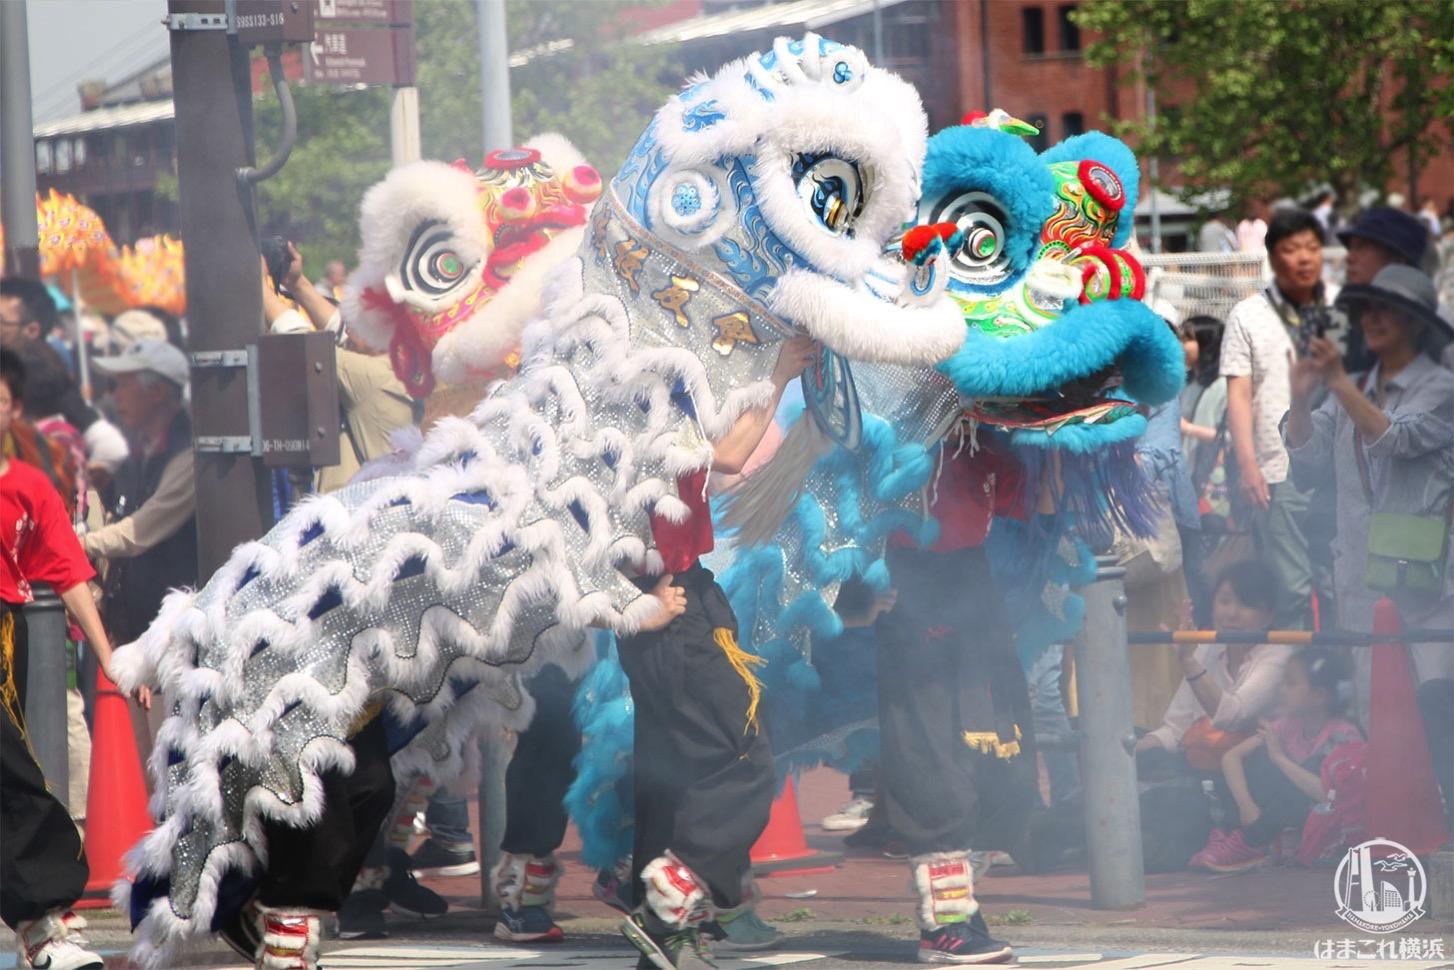 国際仮装行列「ザ よこはまパレード」獅子舞・爆竹